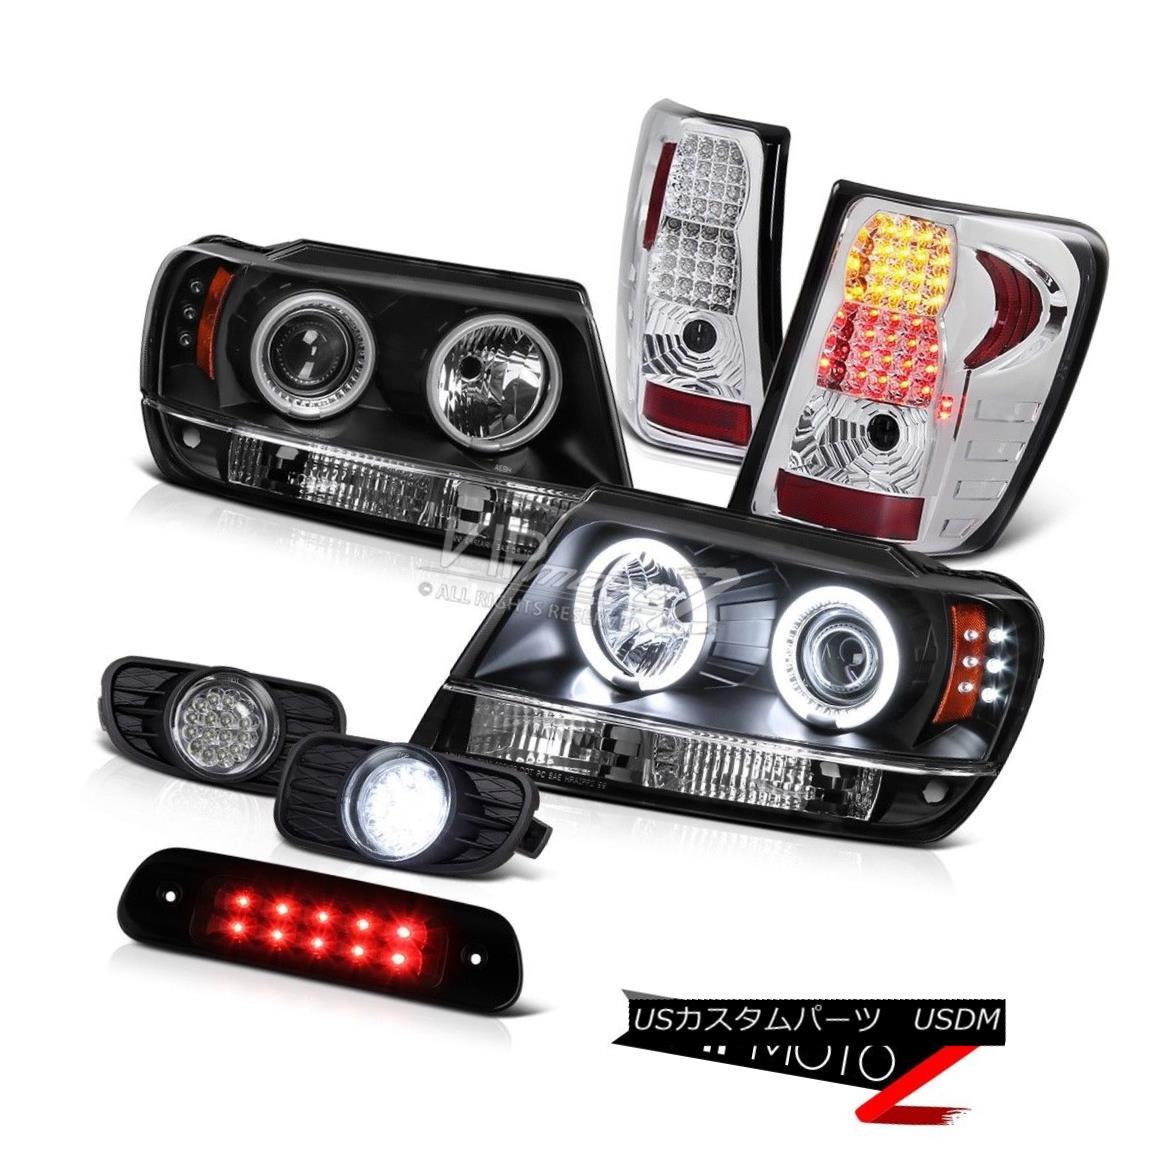 テールライト 99-03 Jeep Grand Cherokee 4WD 3RD Brake Light Fog Lamps Tail Headlights DRL Bk 99-03ジープグランドチェロキー4WD 3RDブレーキライトフォグランプテールヘッドライトDRL Bk